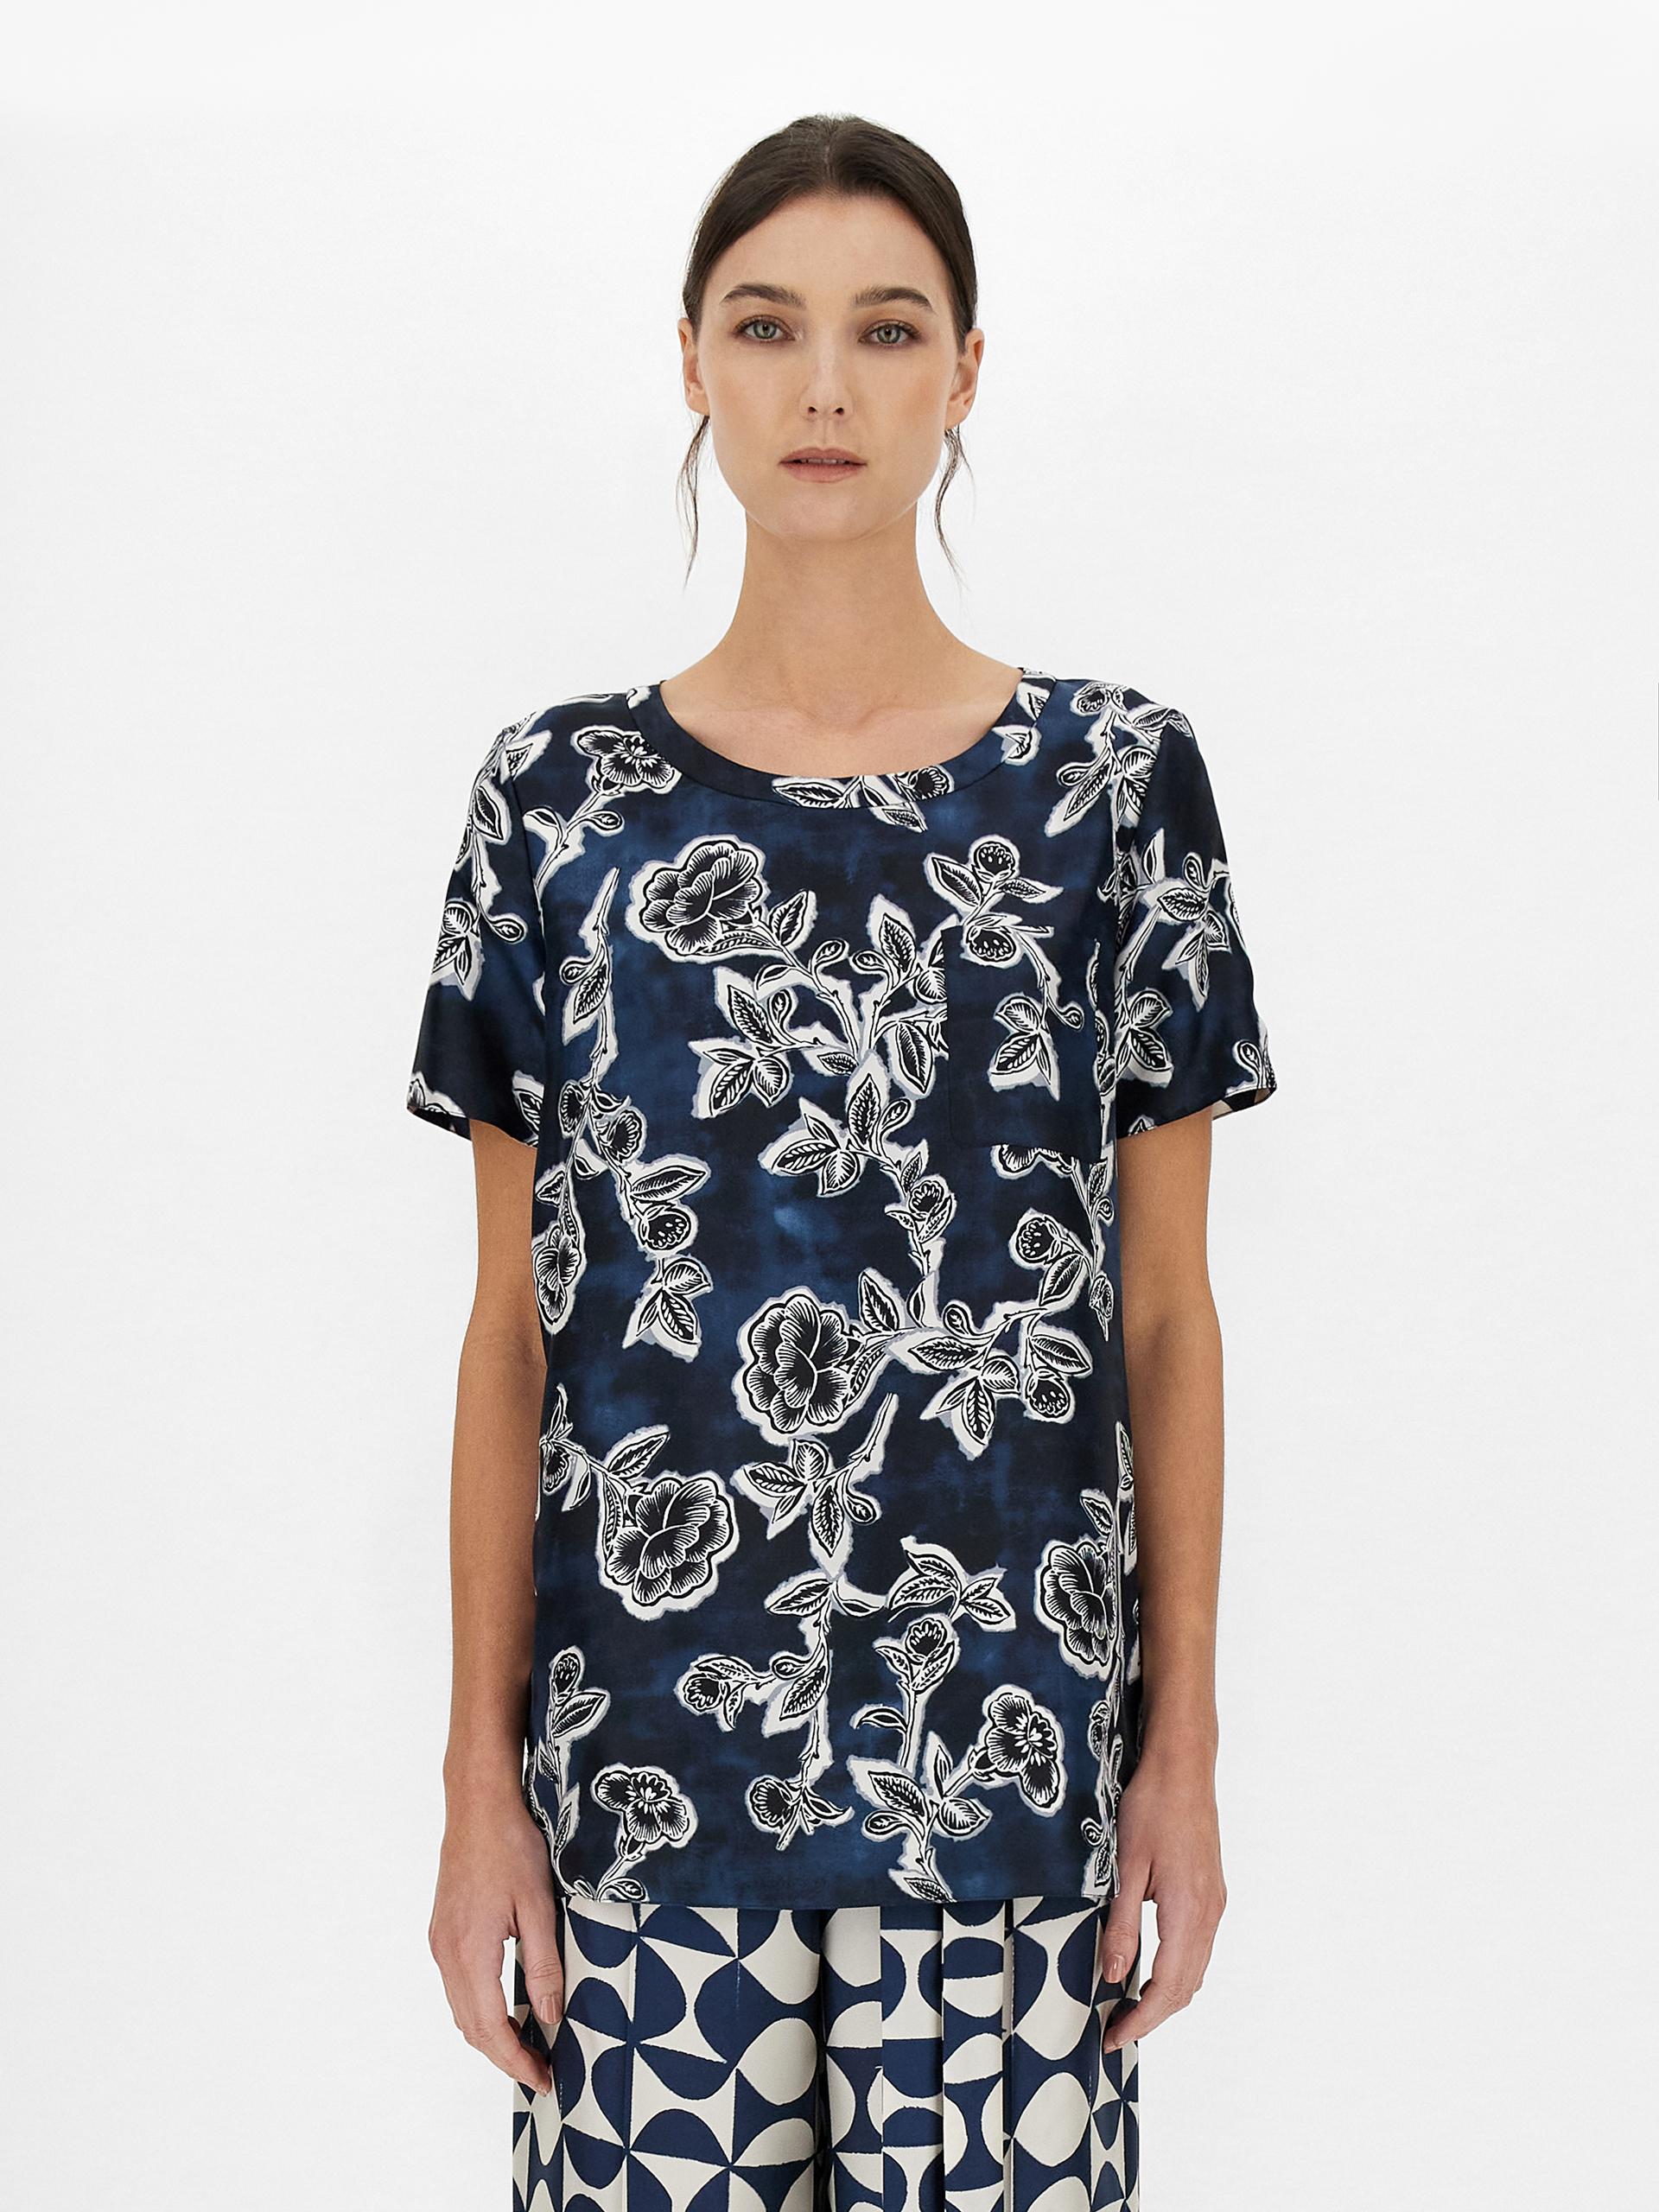 T-shirt reversibile in twill di pura seta stampata, con scollo a giro, maniche corte e taschino applicato sul petto.